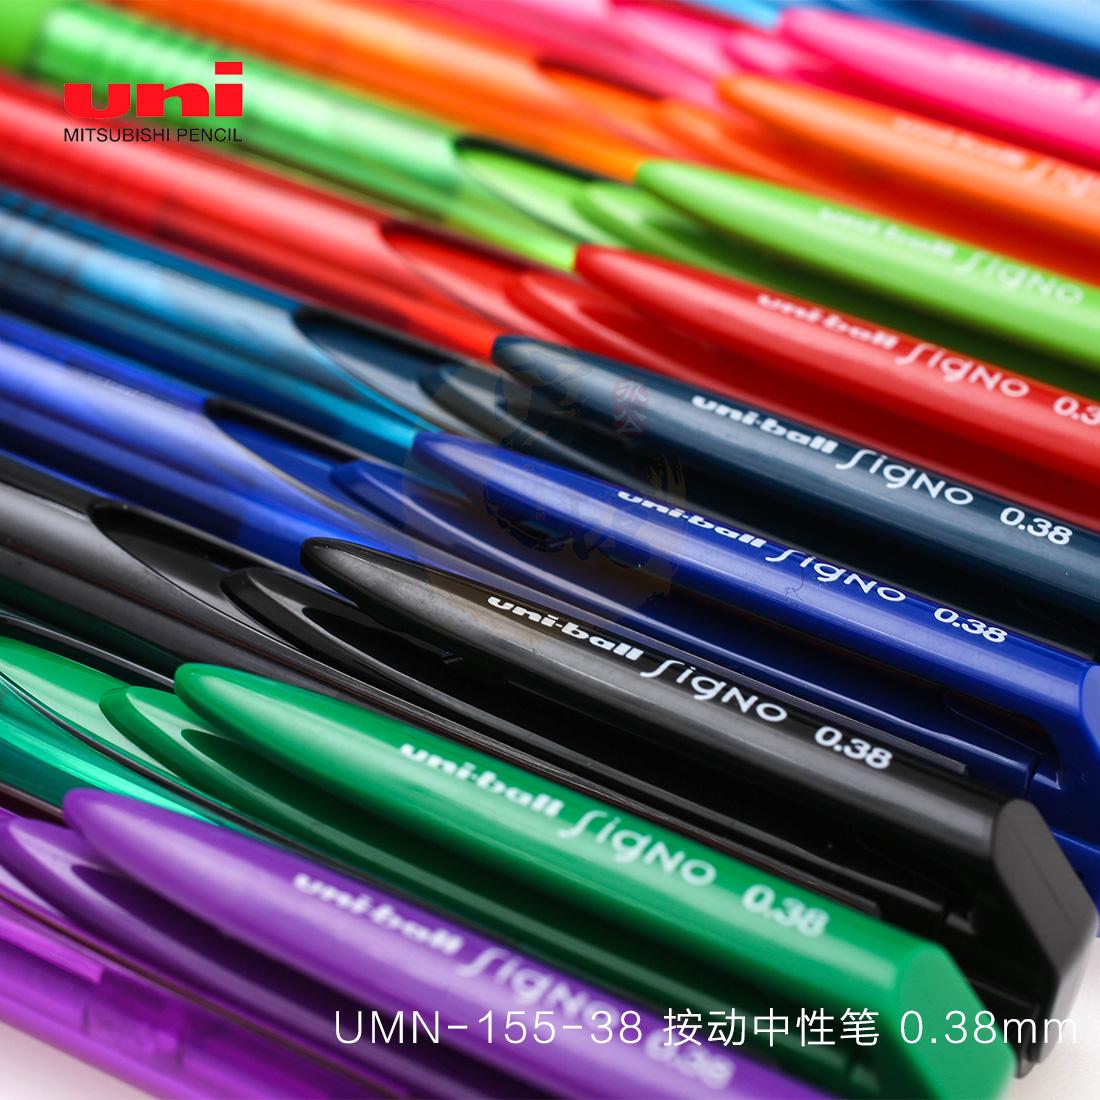 宫橙办公丨日本UNI三菱|Signo RT1 UMN-155中性笔0.38mm 办公学生